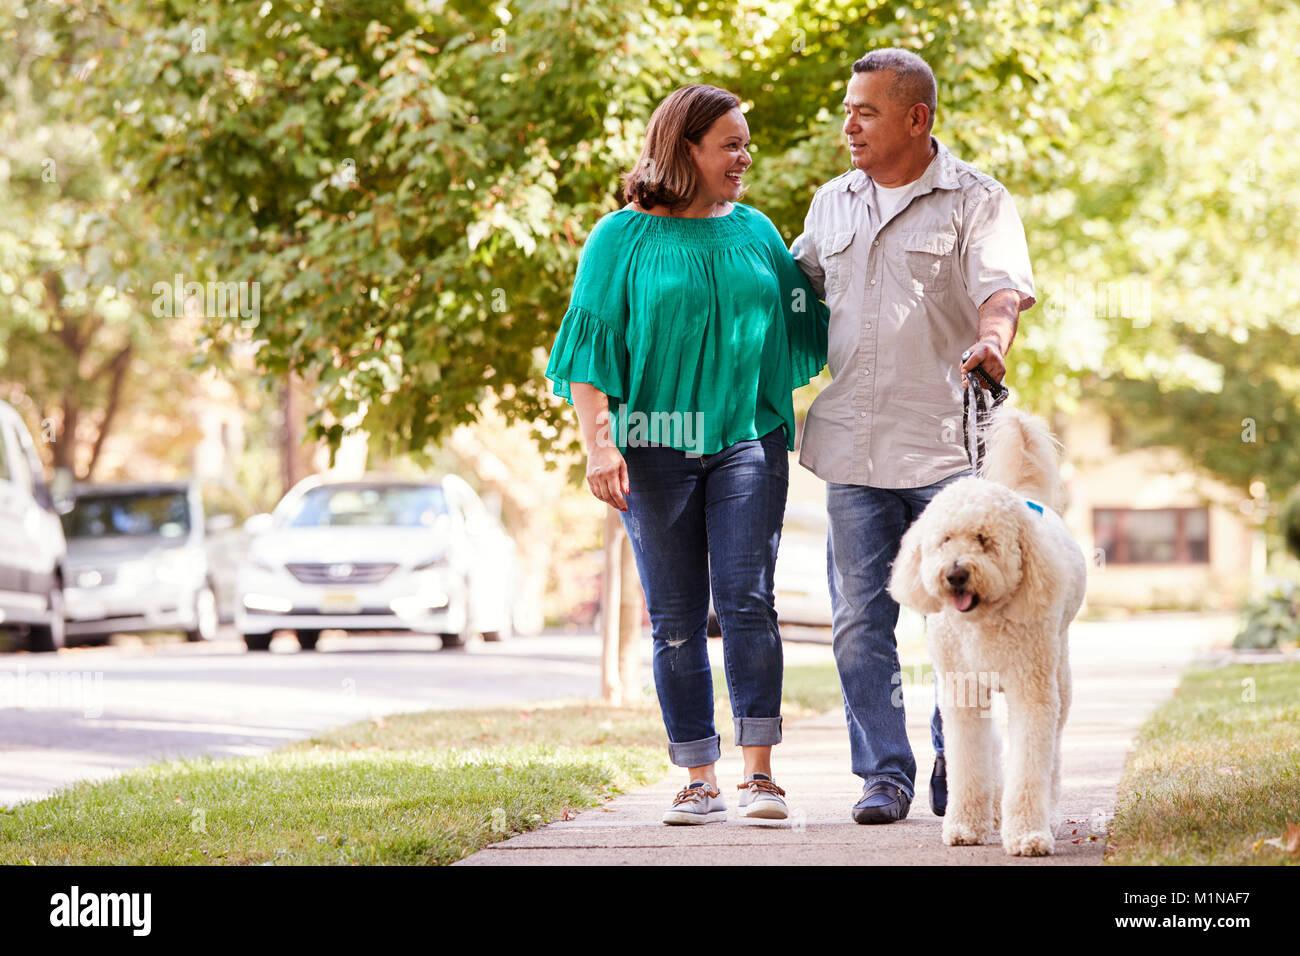 Senior Couple Walking Dog Along Suburban Street - Stock Image